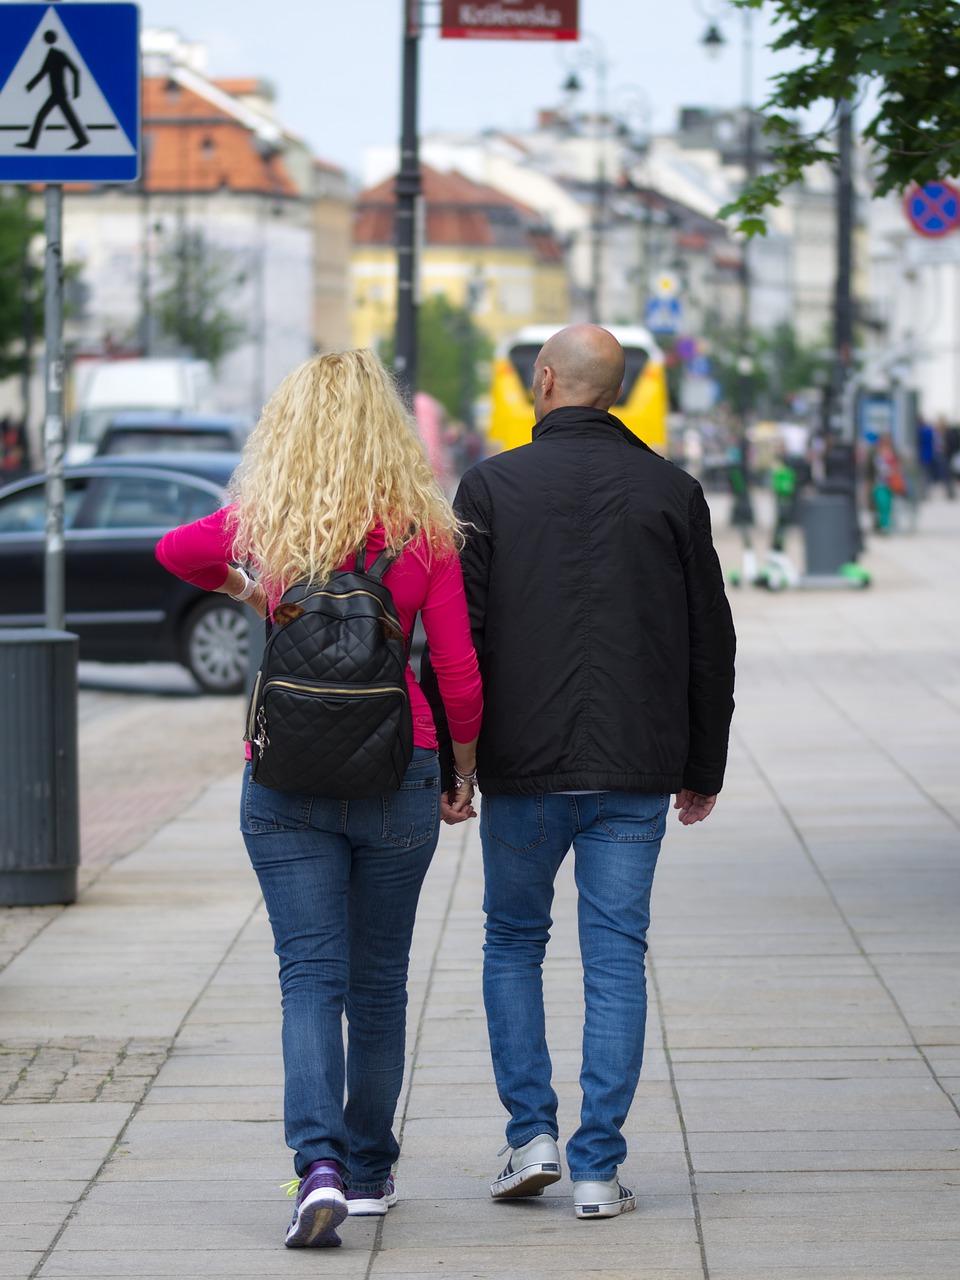 couple-4238663_1280